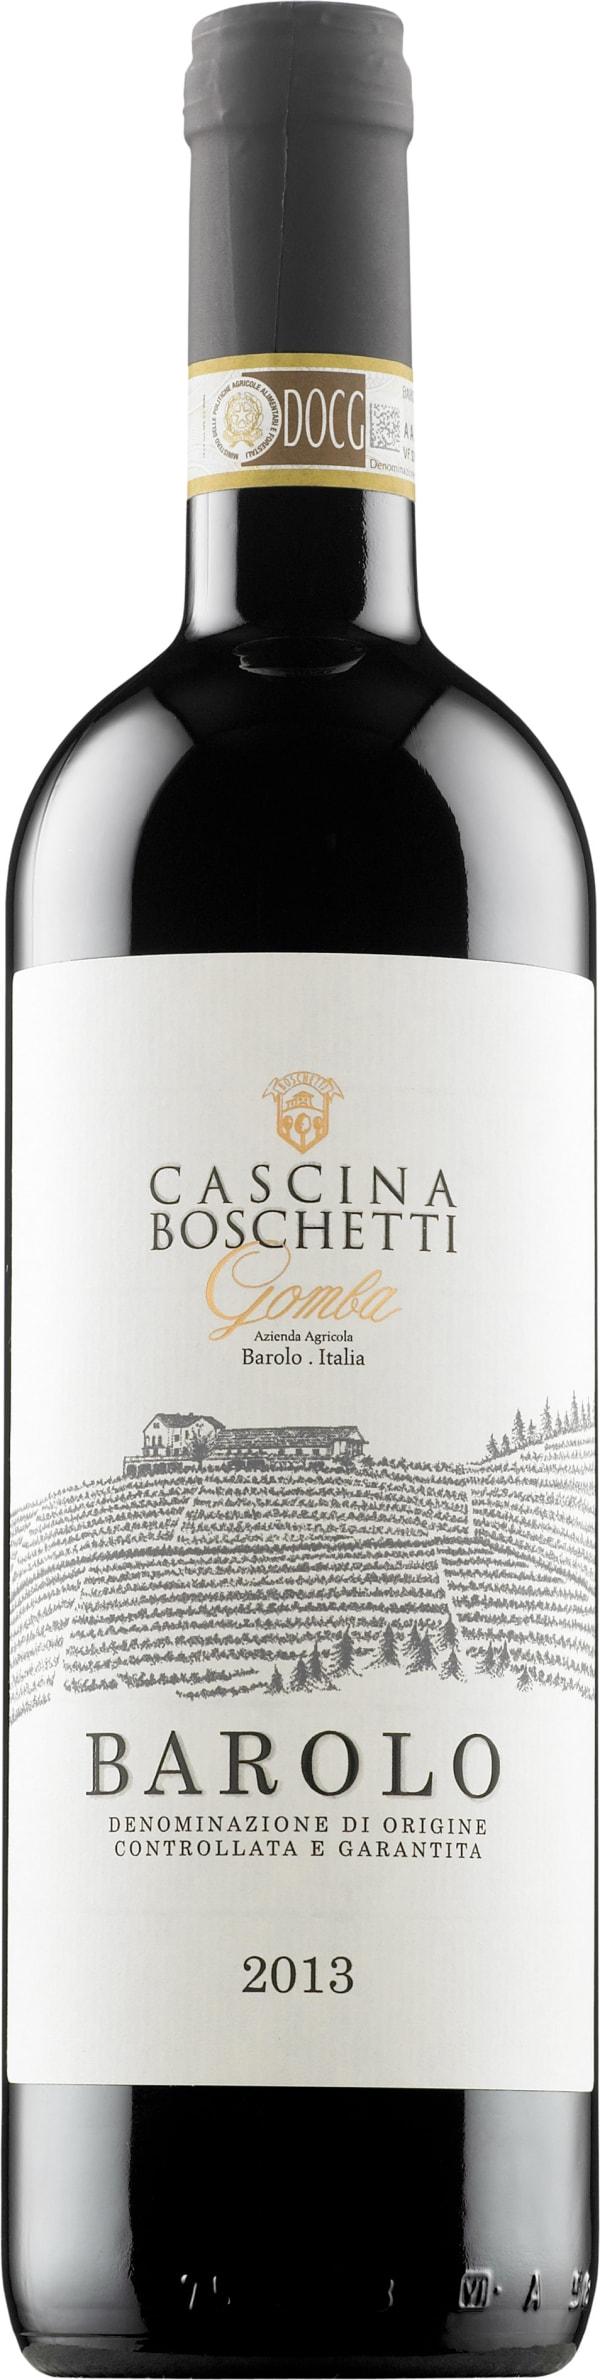 Cascina Boschetti Gomba Barolo 2015